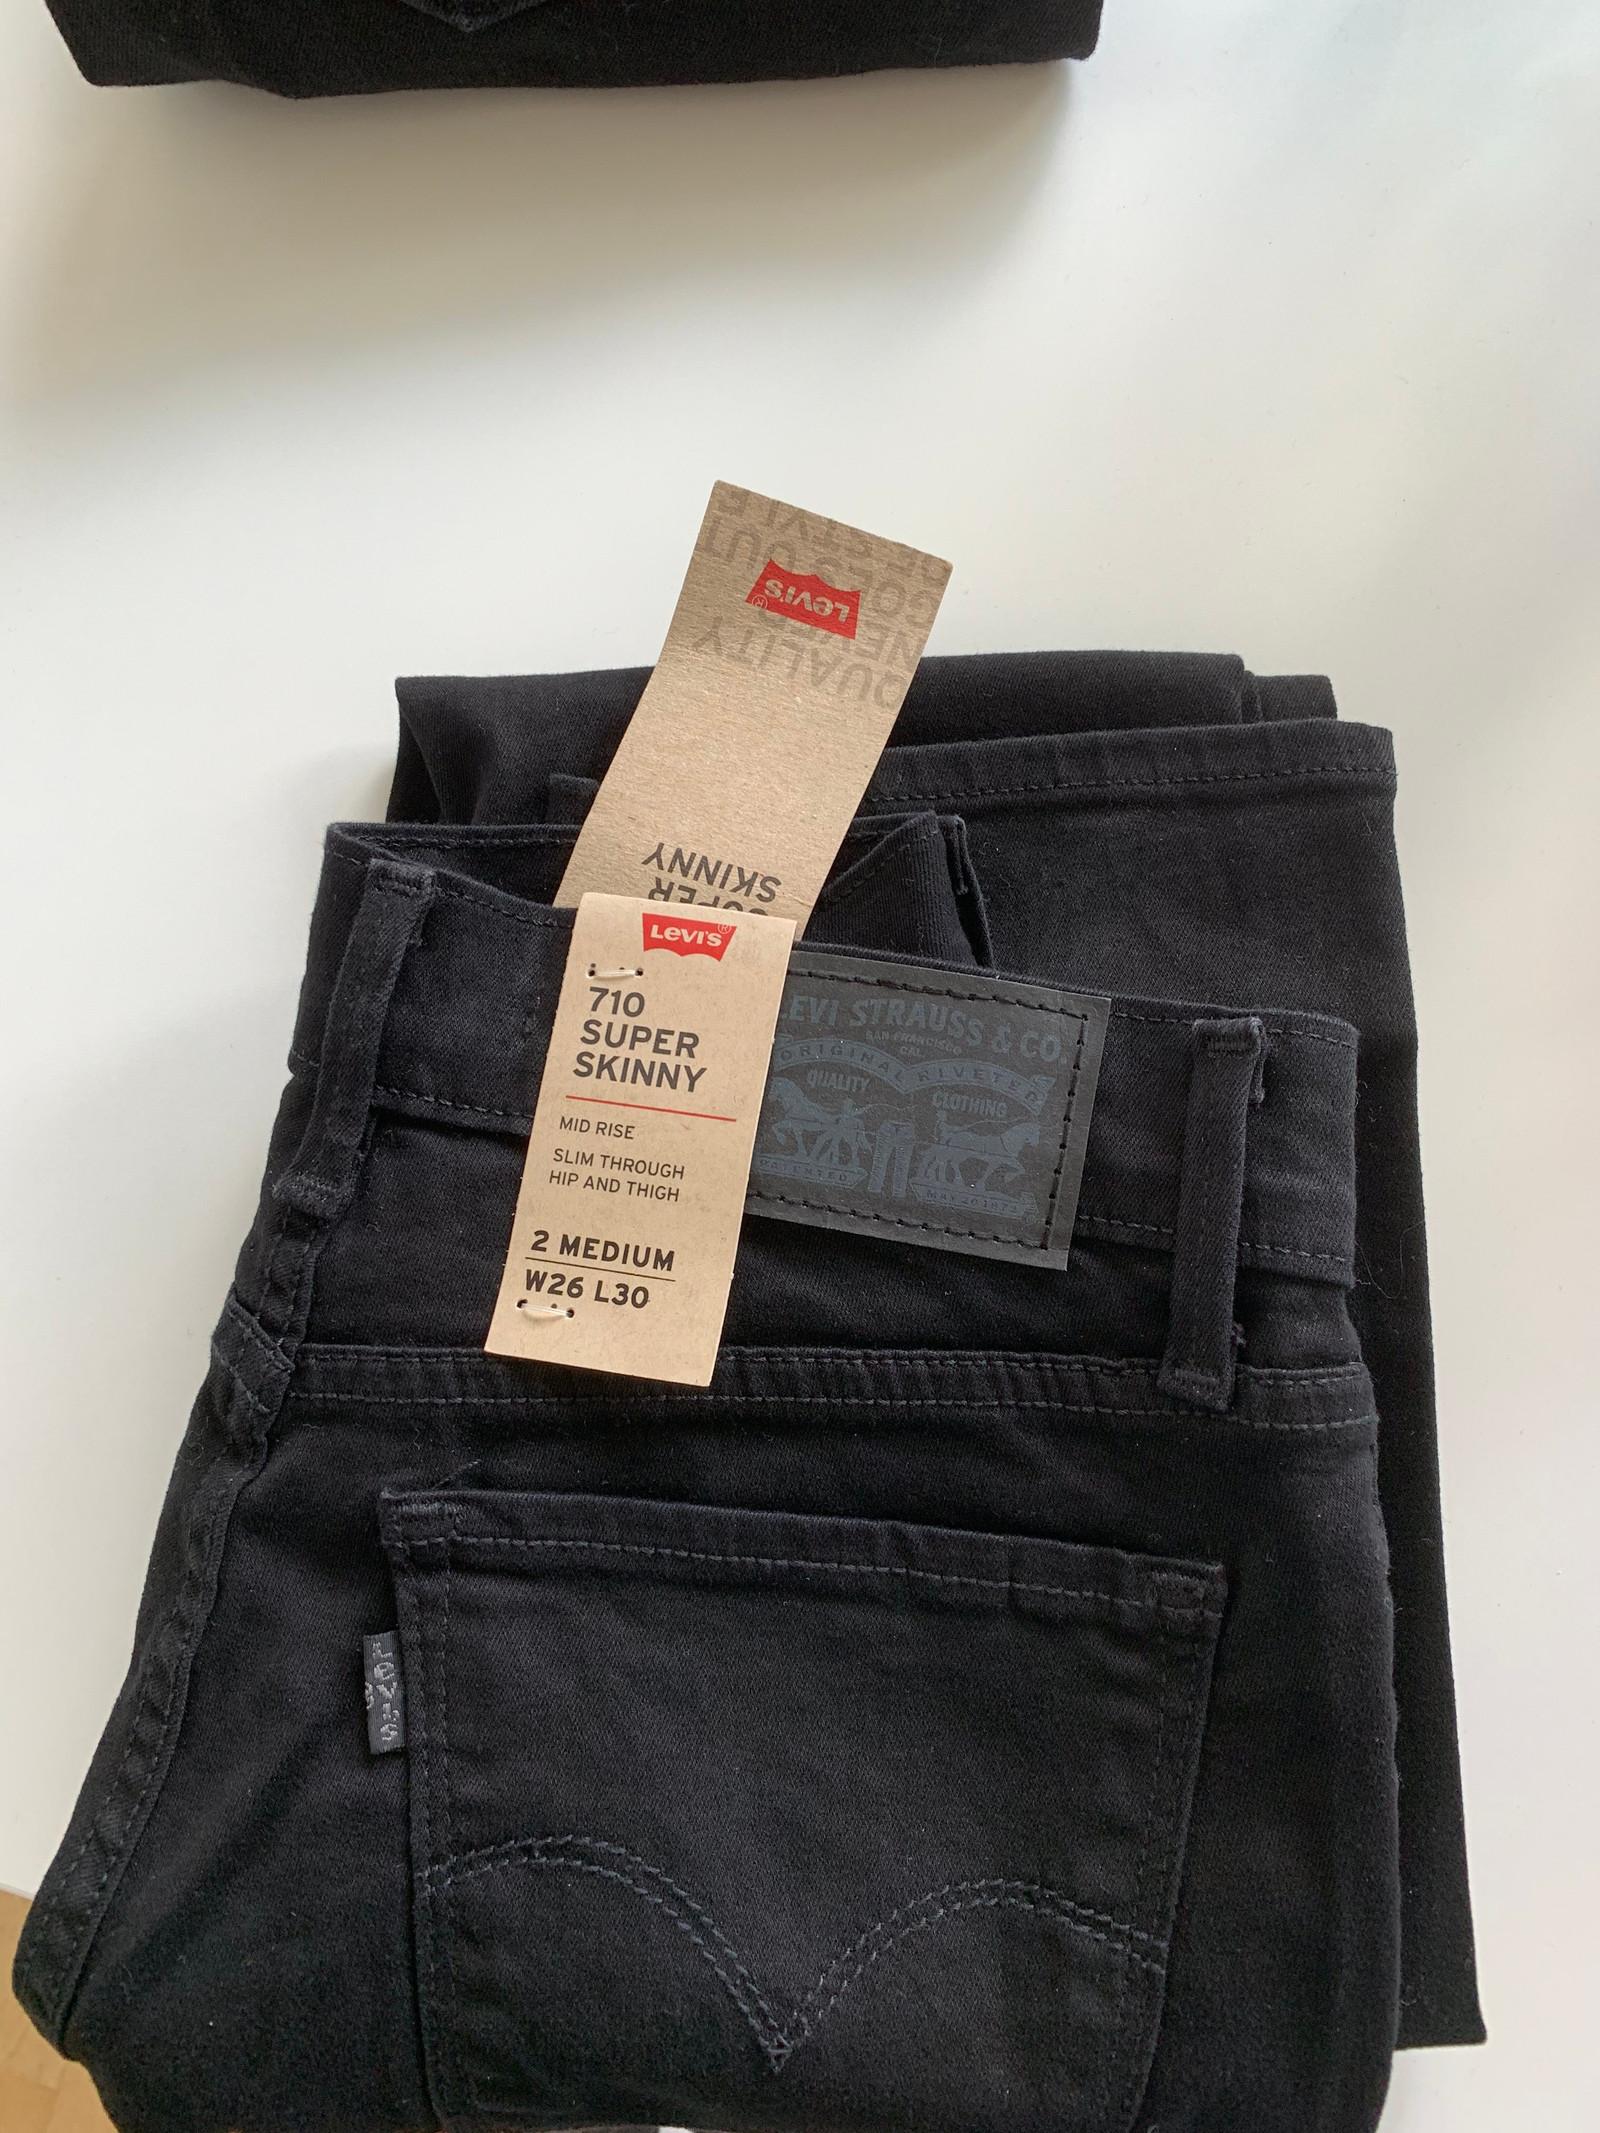 00df2ca6 Ny levis bukse modell 710, str w26 l30. Lapper på | FINN.no